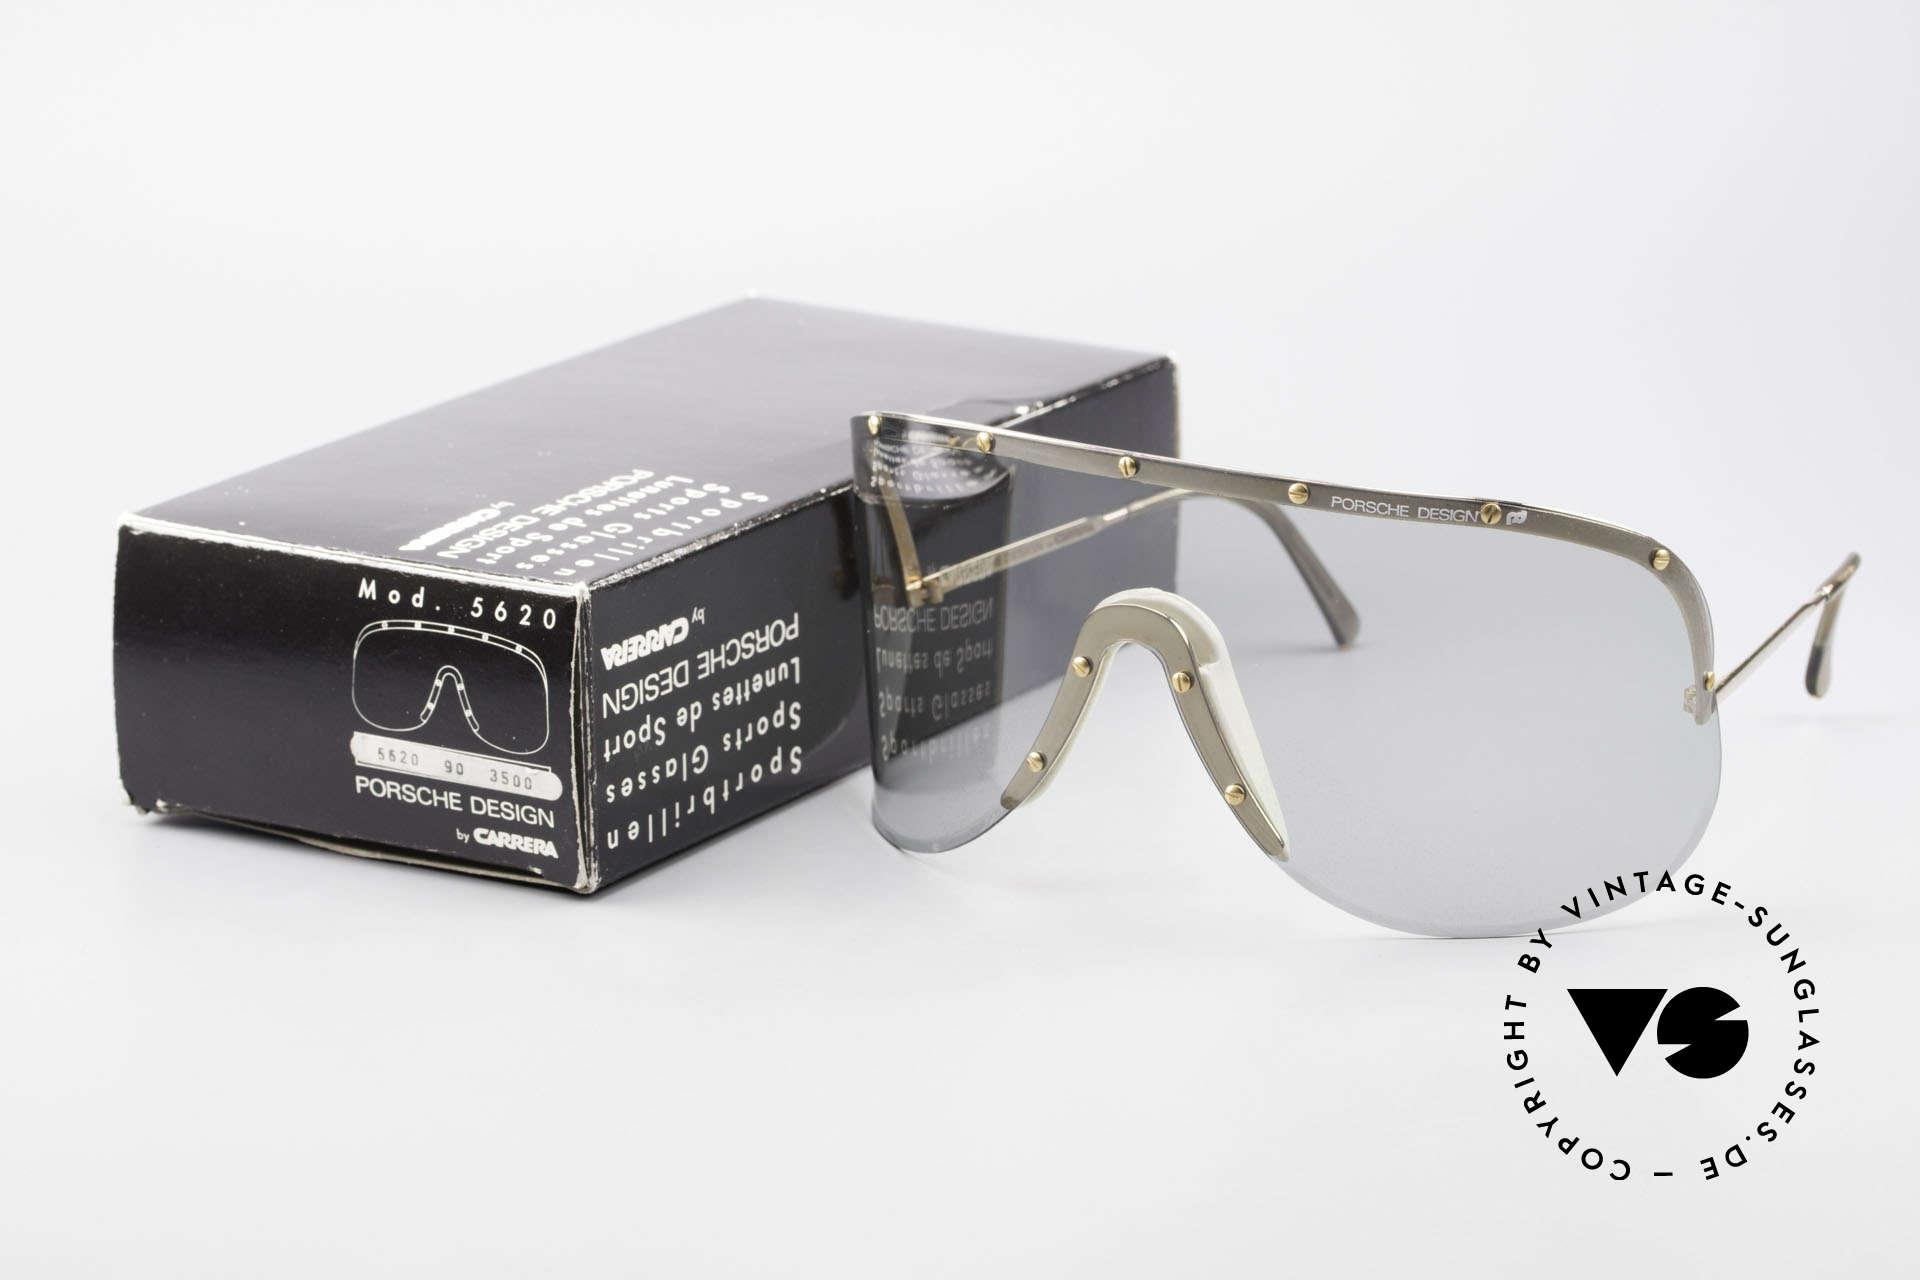 Porsche 5620 Yoko Ono Sonnenbrille Gold, ungetragene 1980er Rarität inklusive original Verpackung, Passend für Herren und Damen